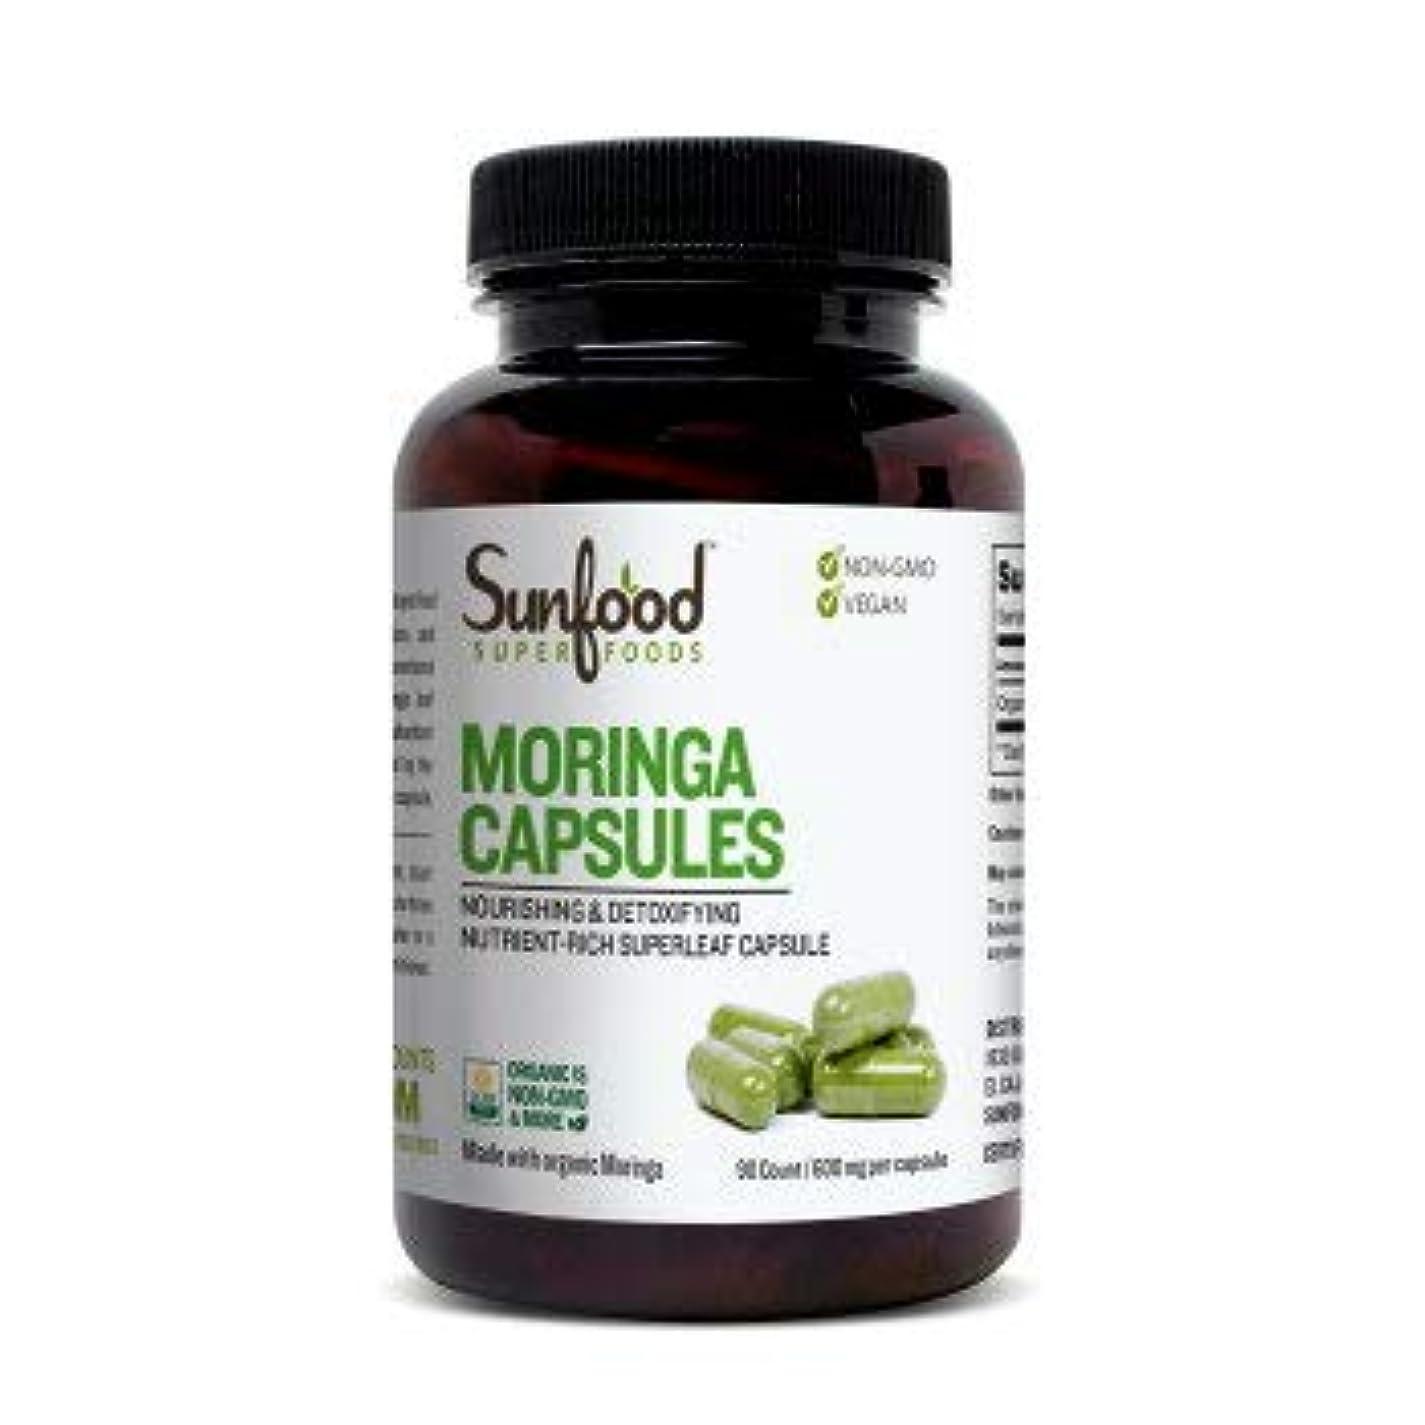 発生適度なあいまいモリンガ カプセル 600mg【90錠】Sunfood Moringa Capsules 600mg 90ct